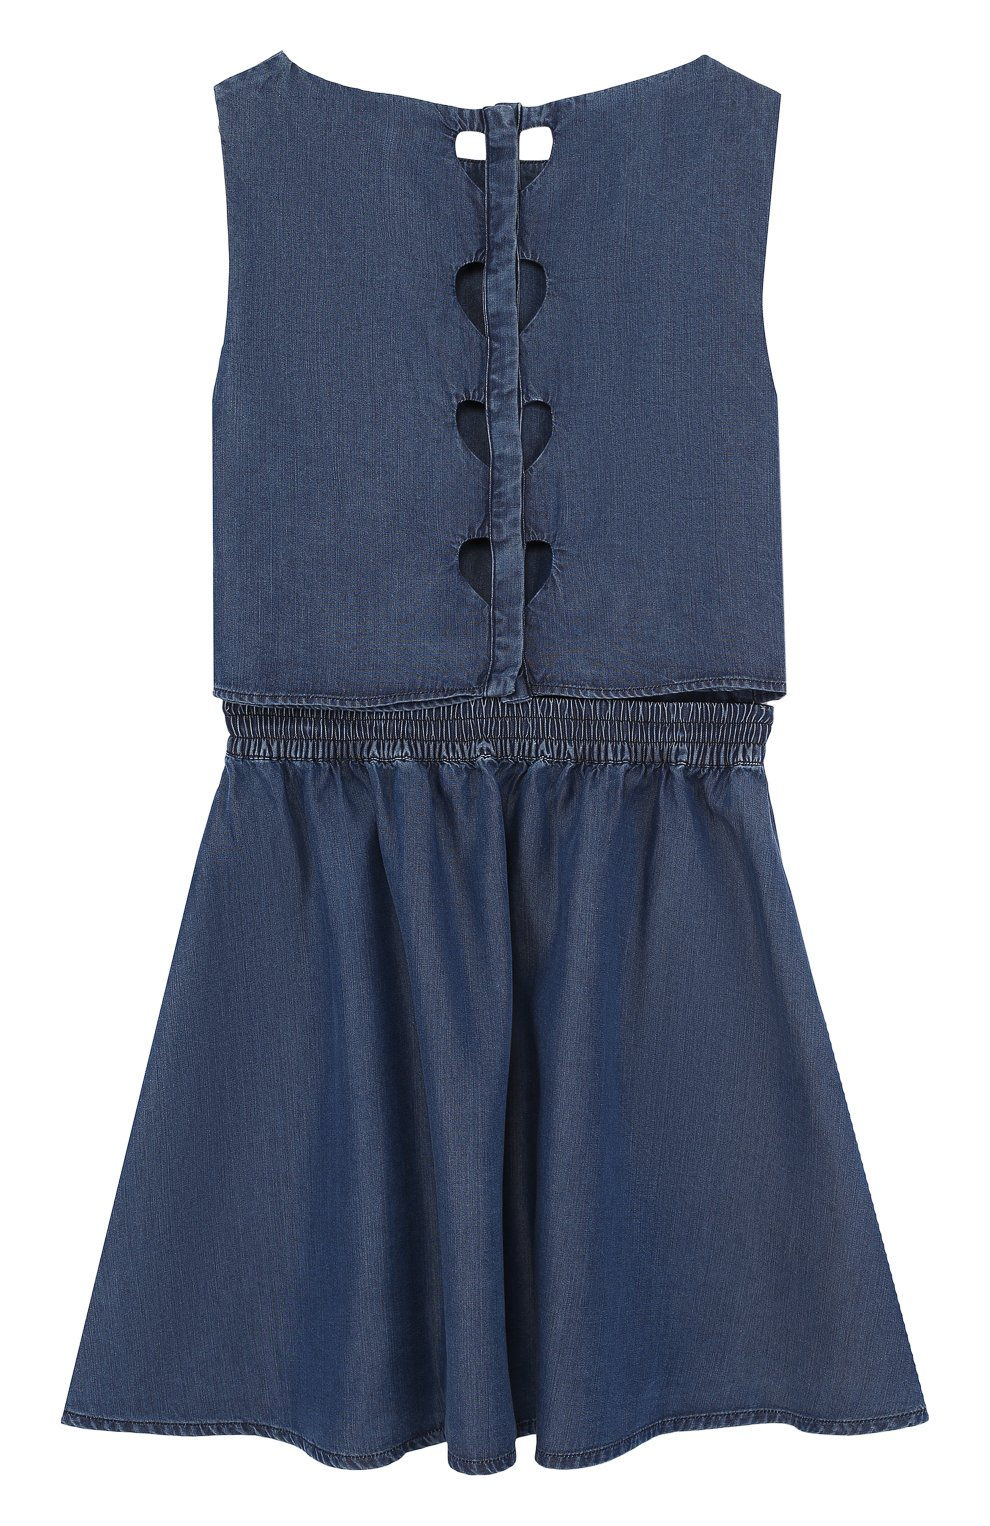 Детское мини-платье с эластичной вставкой на поясе и декоративной отделкой на спине ARMANI JUNIOR синего цвета, арт. 3Z3A90/3D0NZ/11A-16A | Фото 2